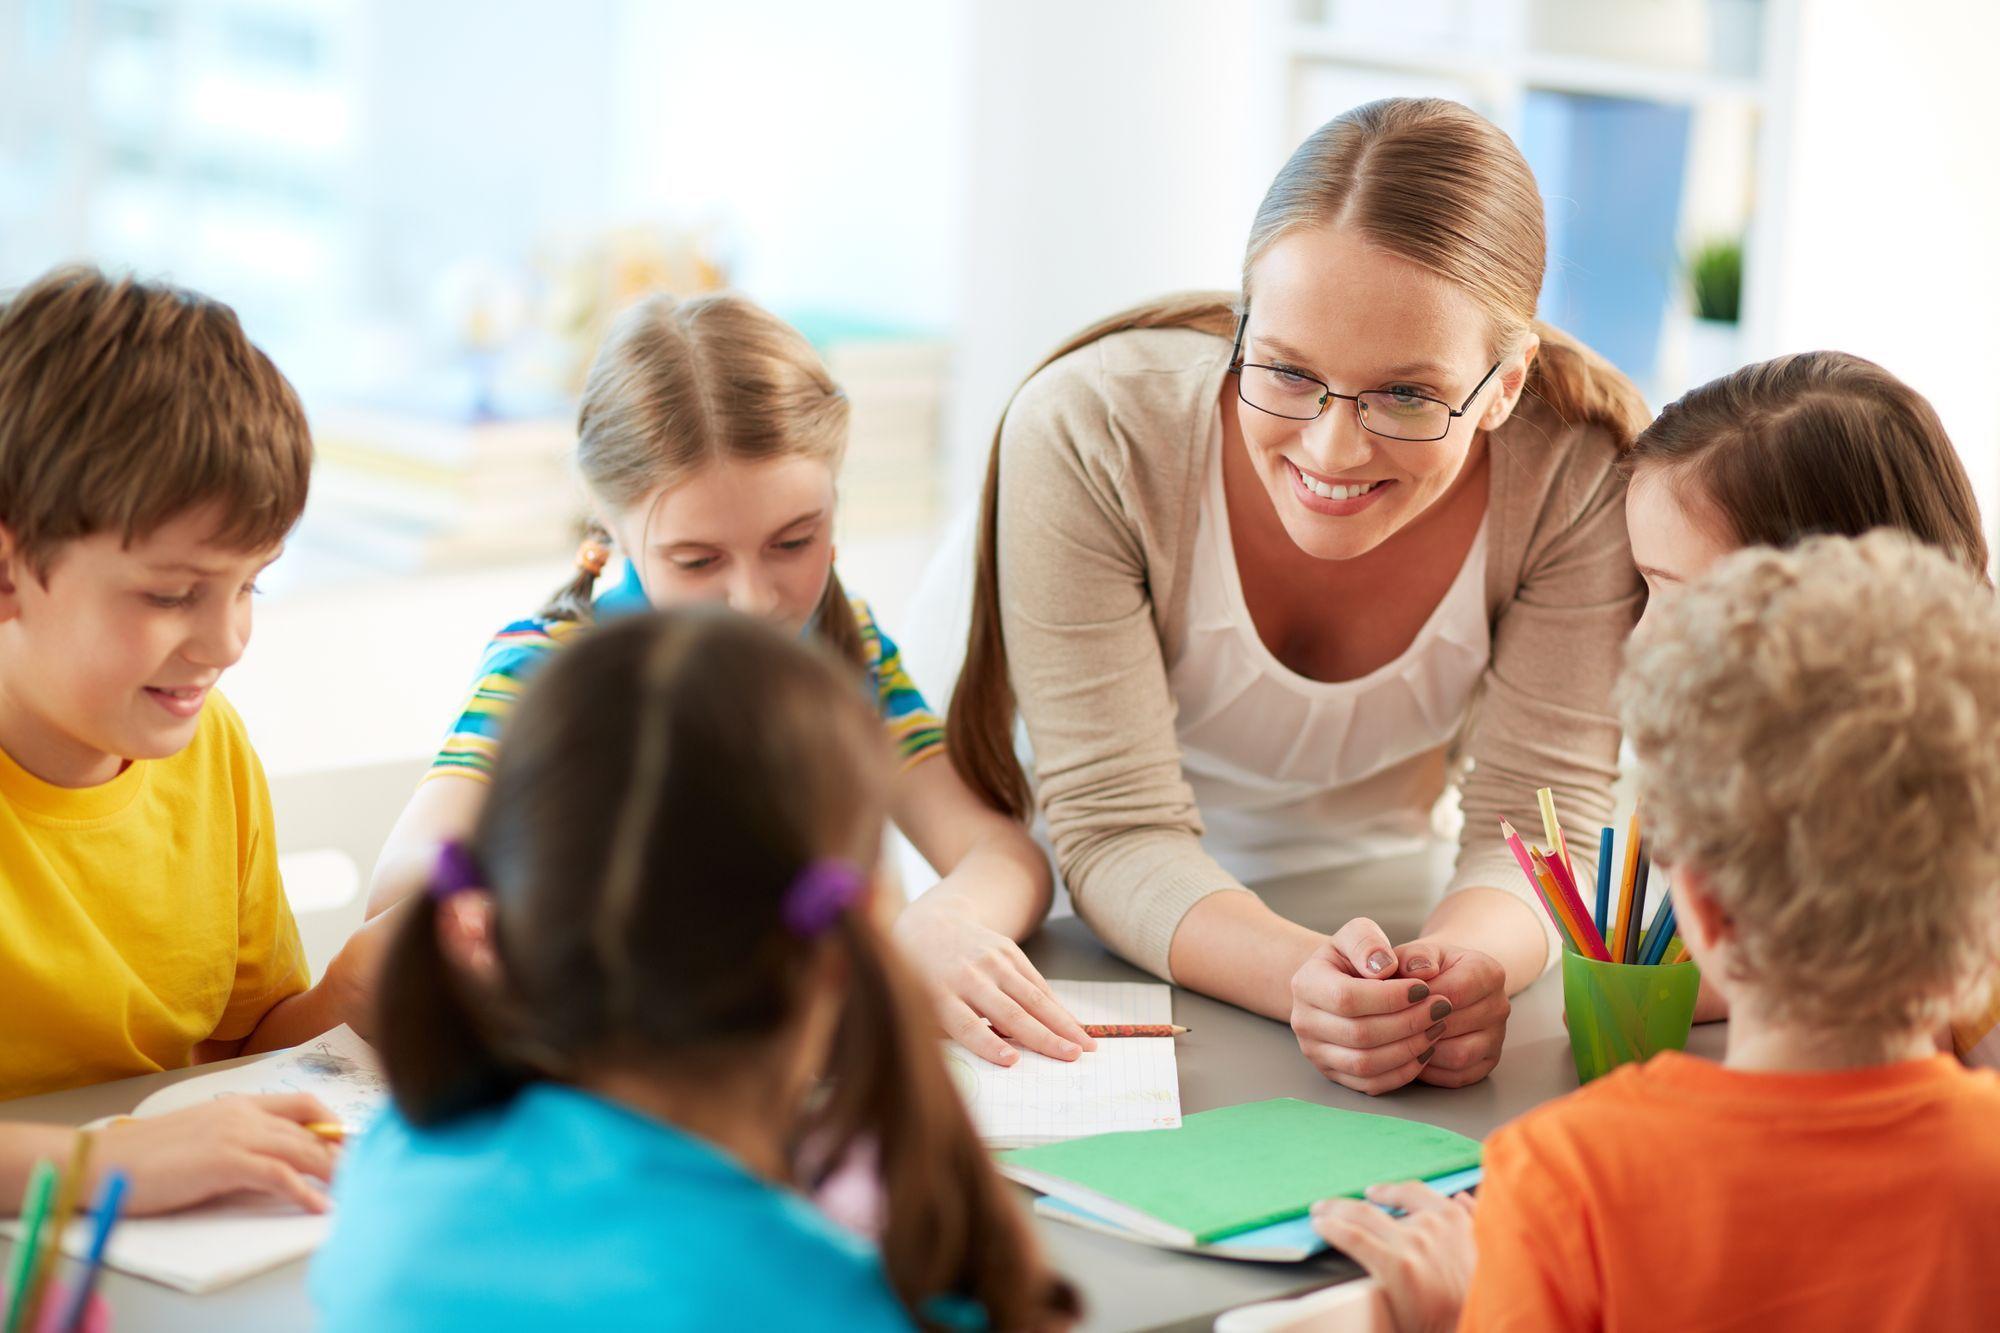 Cách xây dựng báo cáo học tập cho trẻ mầm non